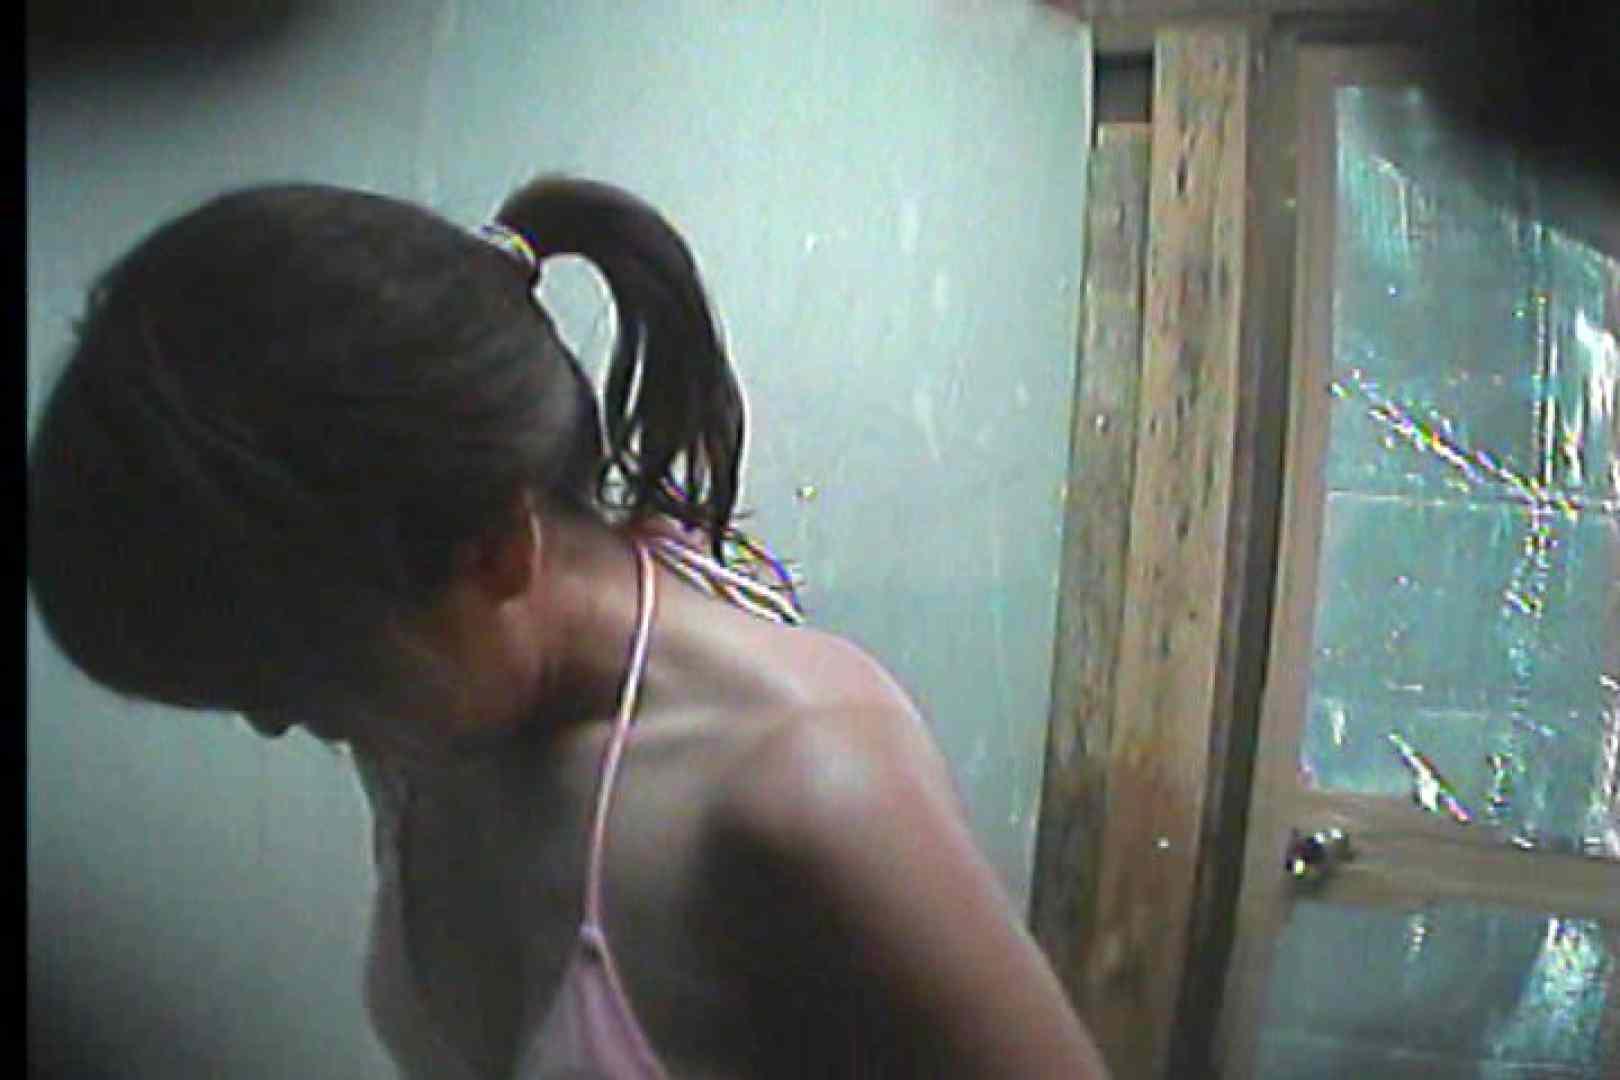 海の家の更衣室 Vol.58 シャワー   美女のボディ  96PIX 4